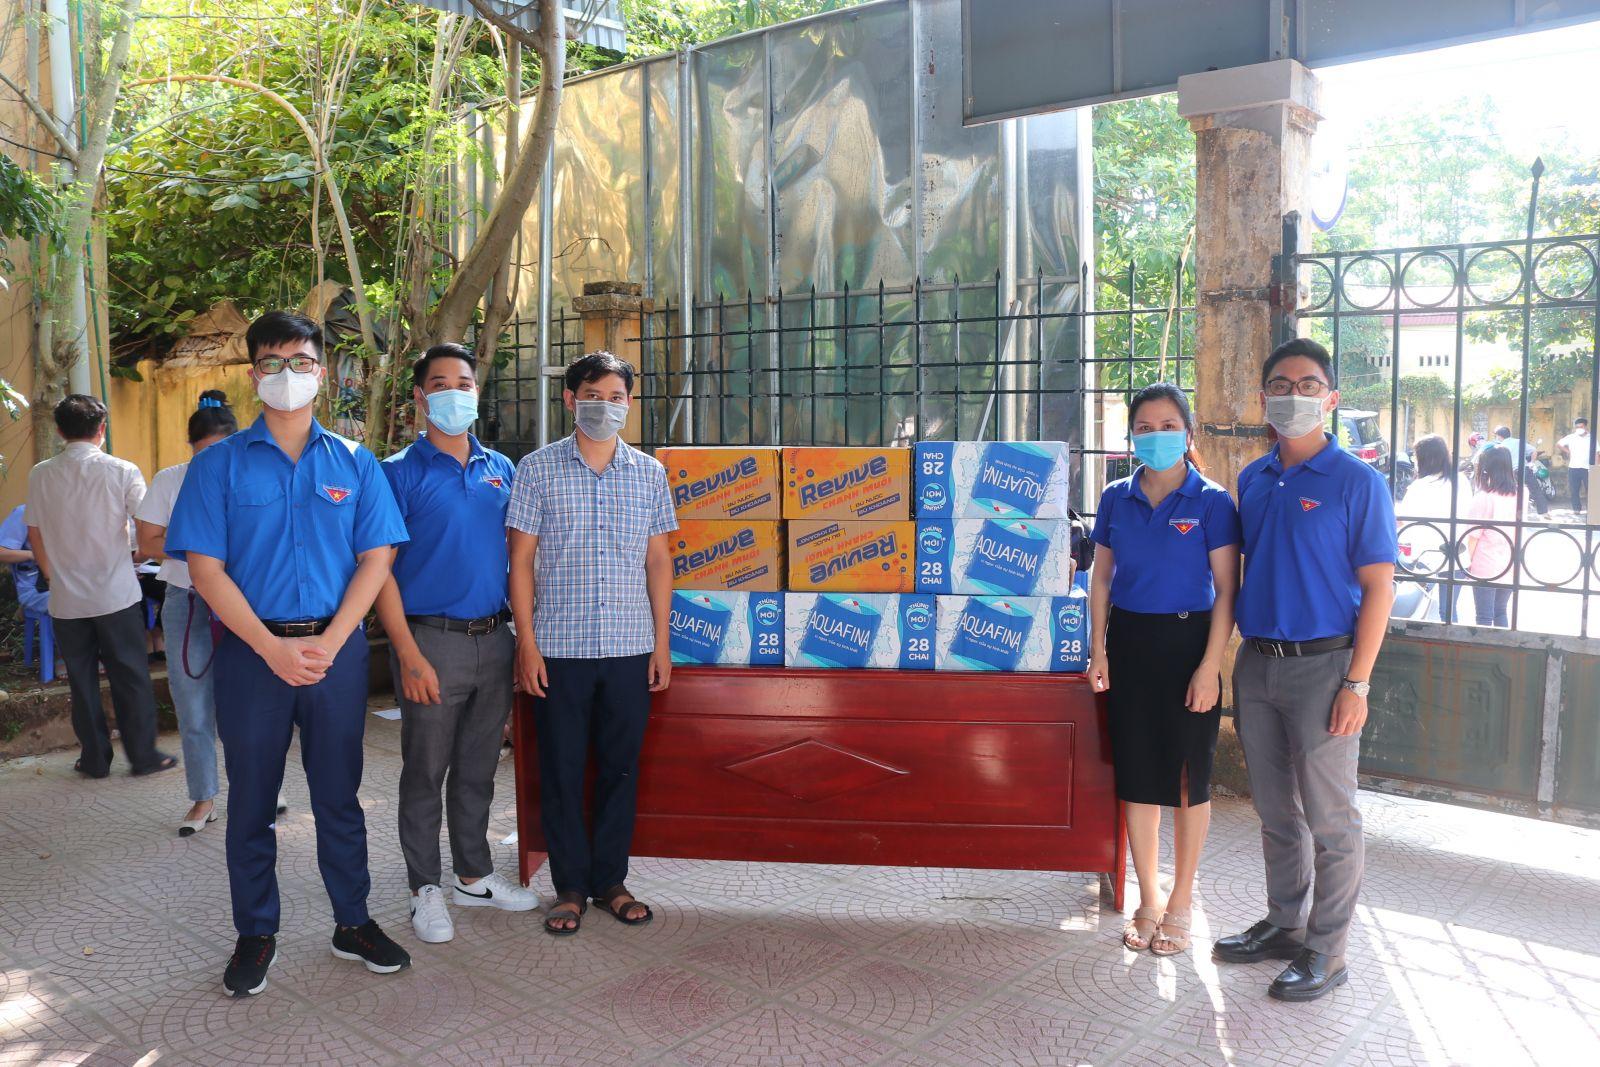 Đội Thanh niên tình nguyện tham gia hỗ trợ  điểm tiêm vắcxin phòng covid - 19